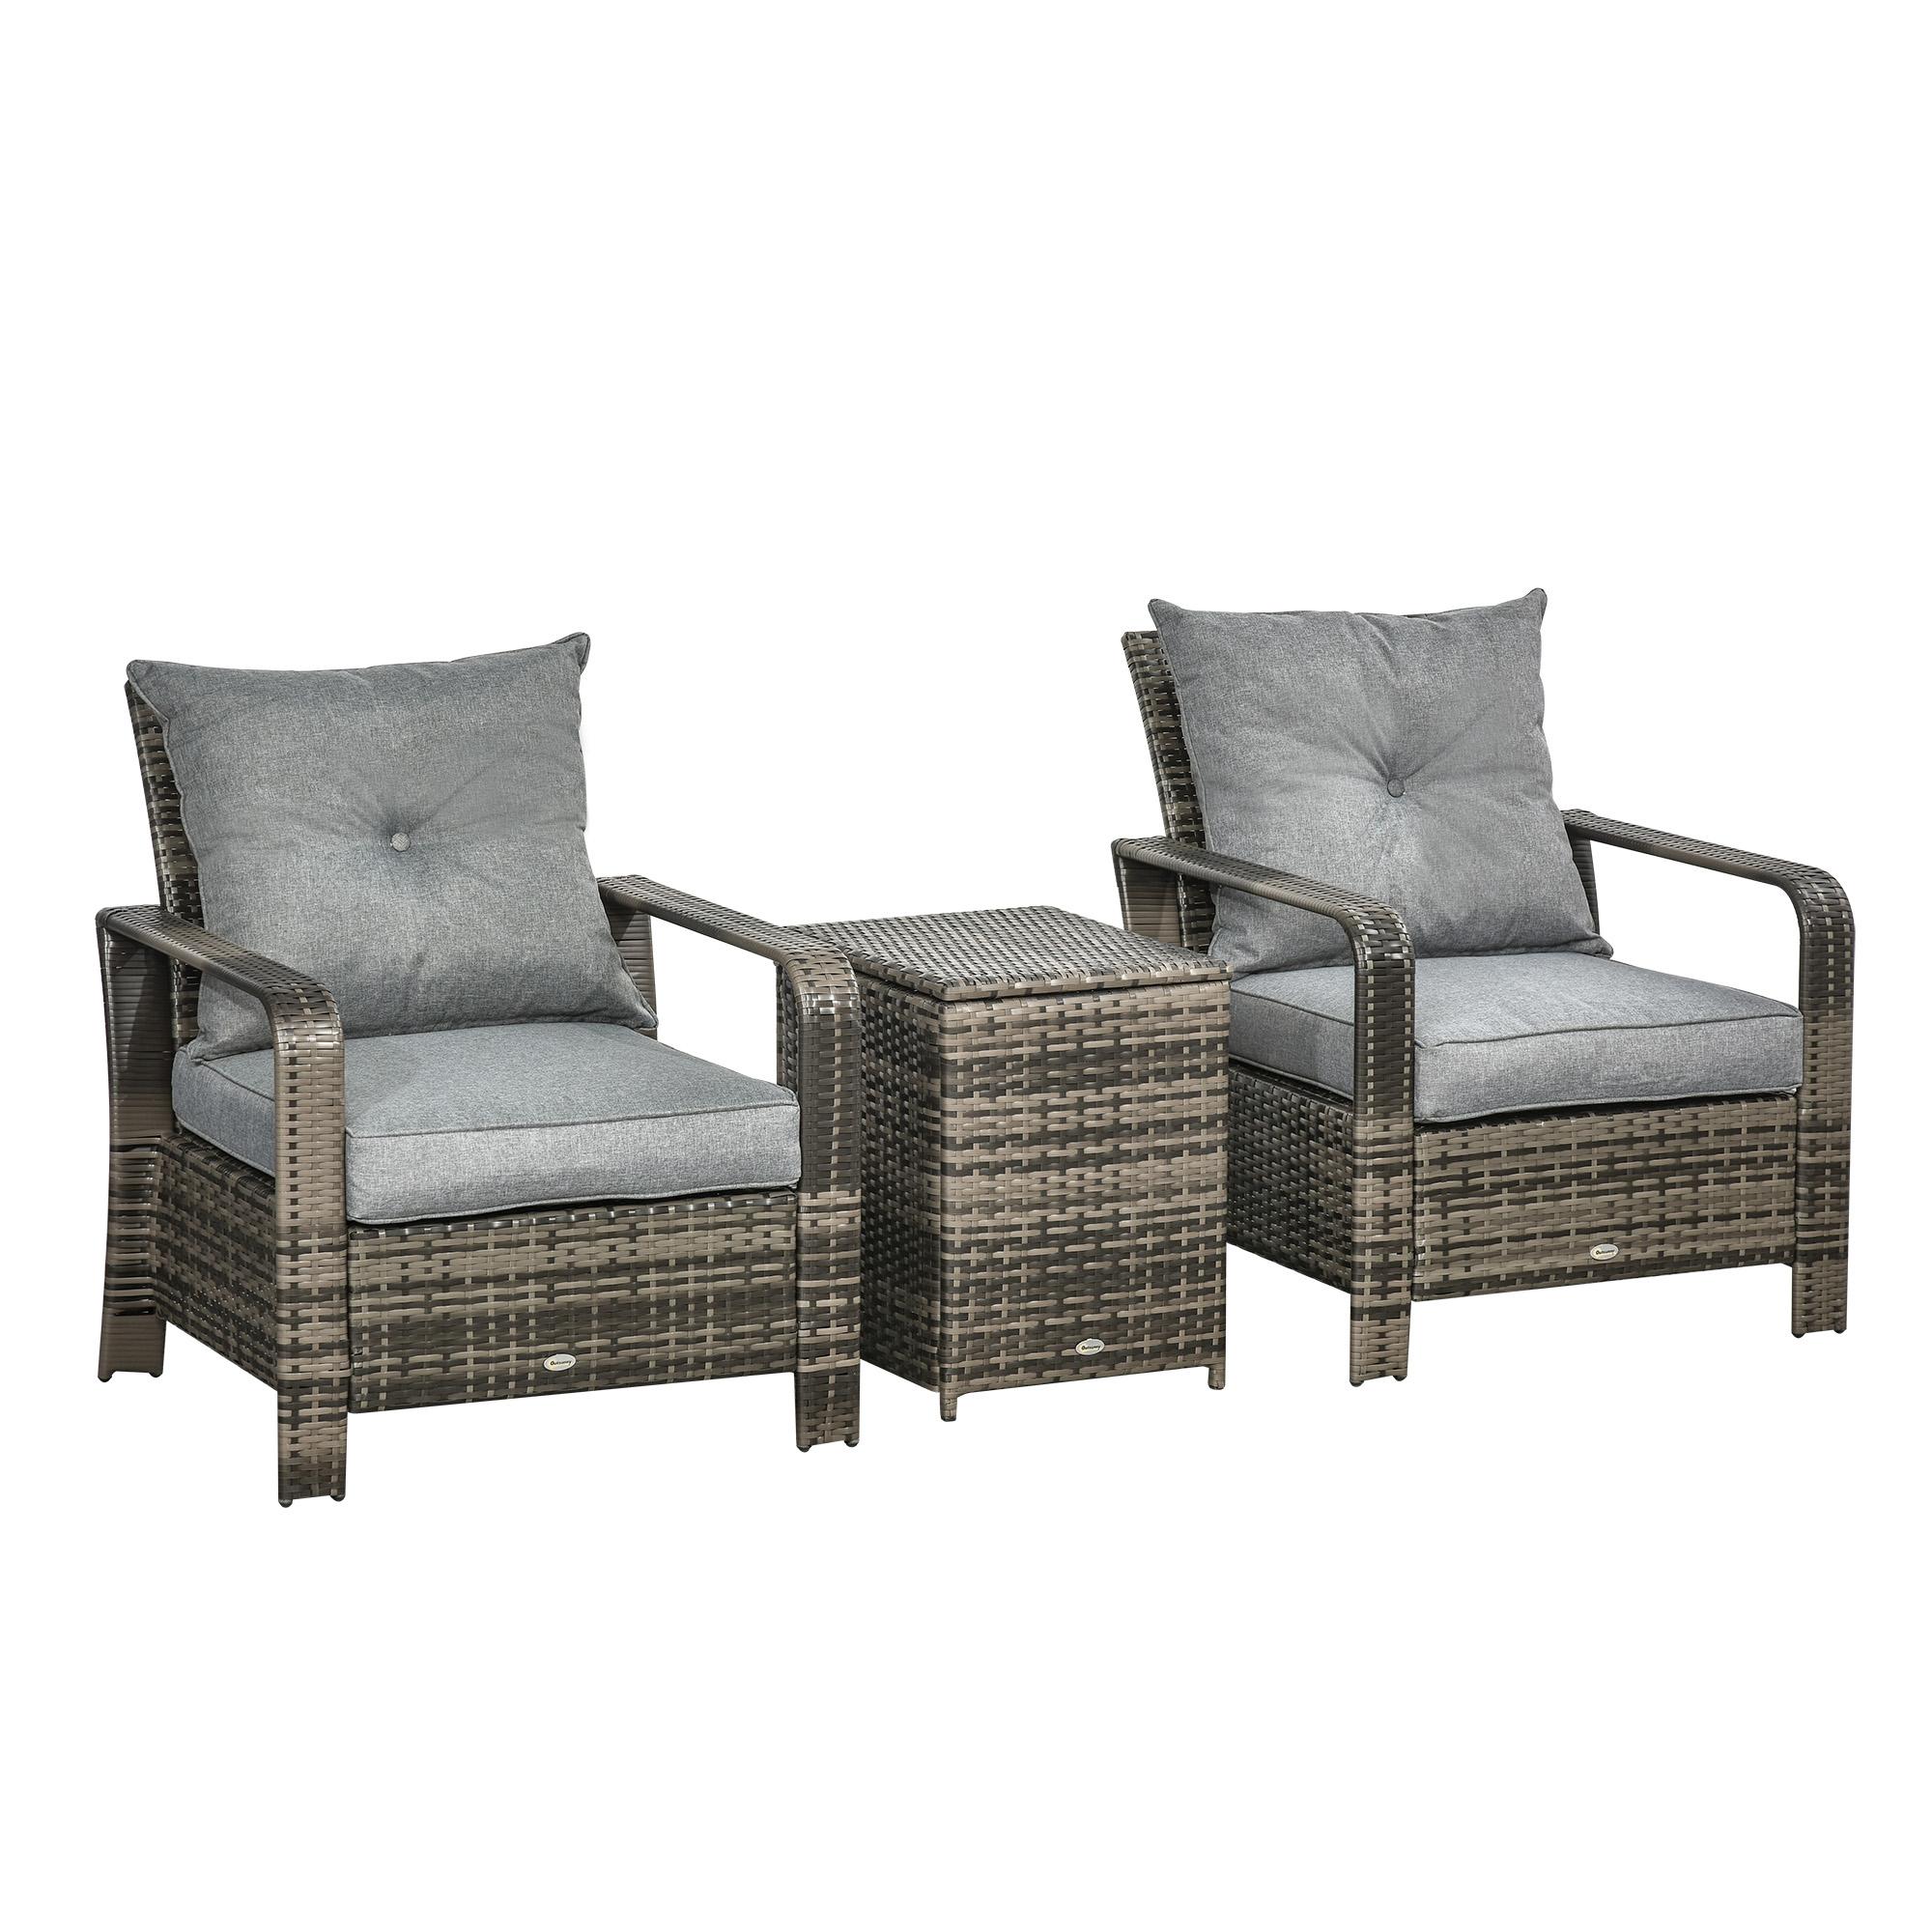 Ensemble de 2 fauteuils de jardin avec table basse coffre résine gris